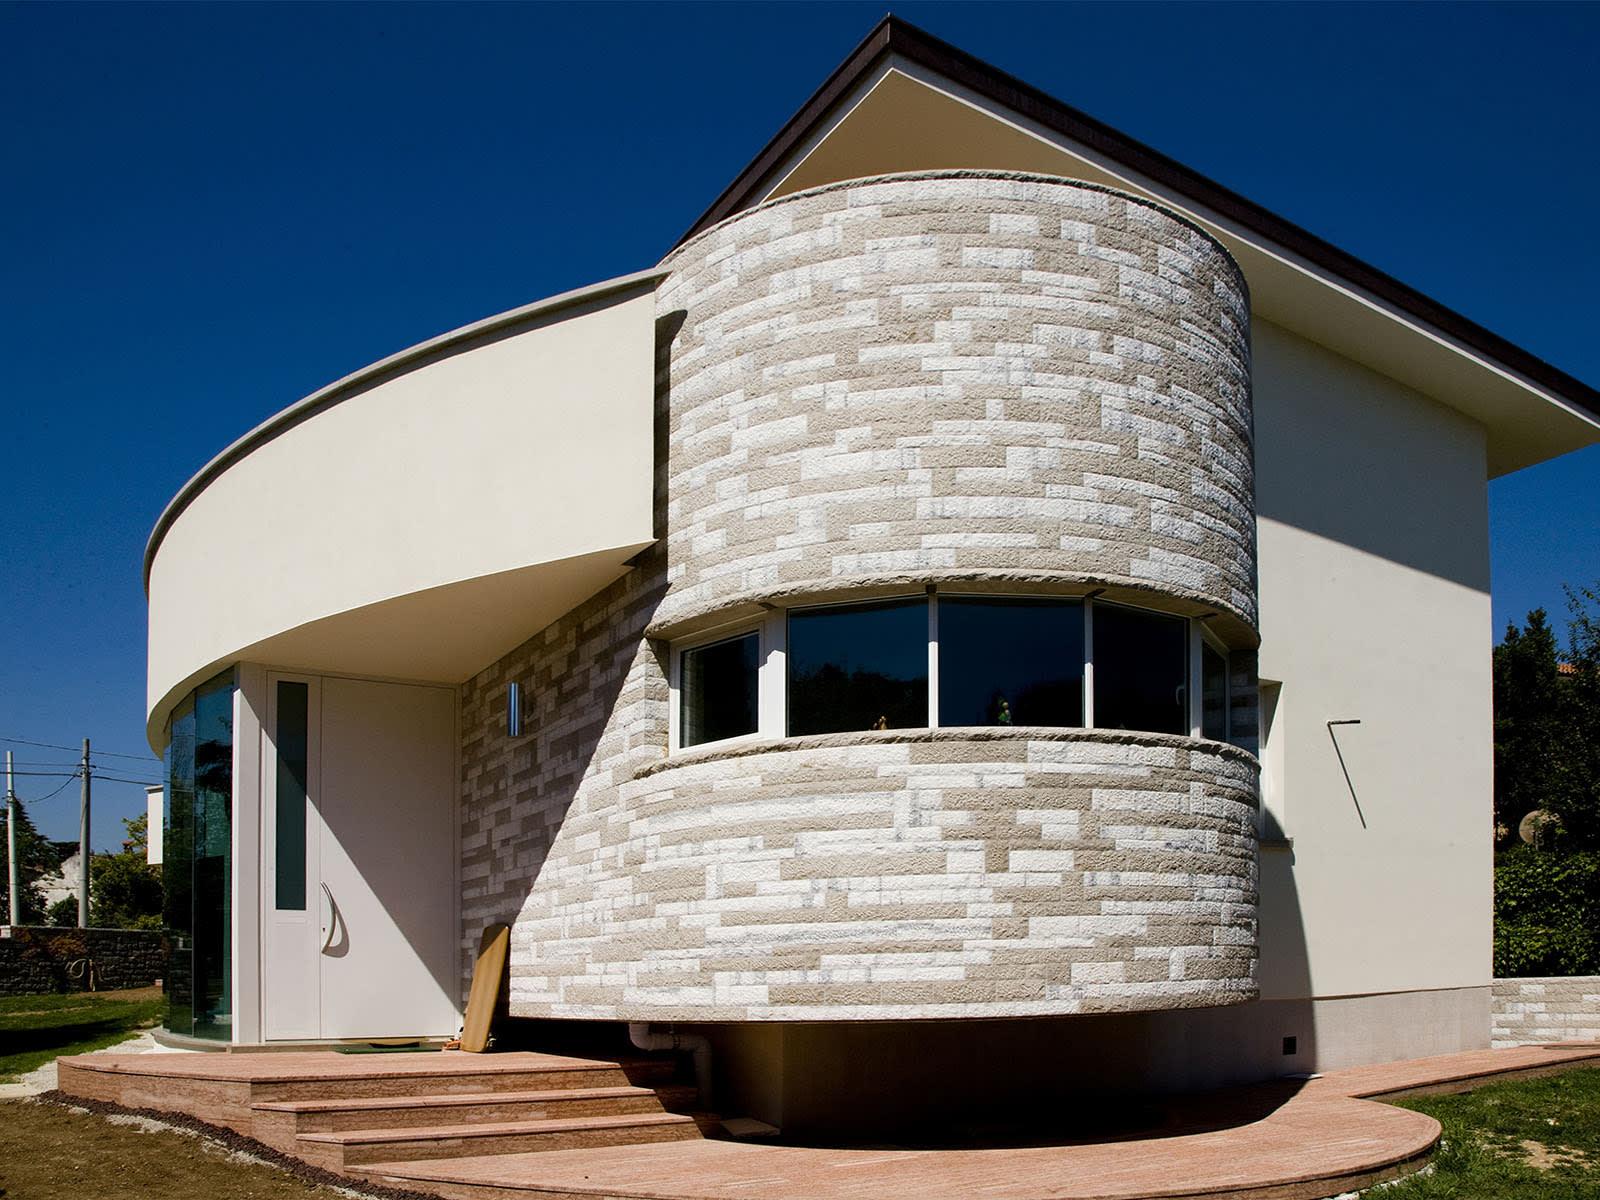 Dettagli costruttivi di una villa costruita sul mare